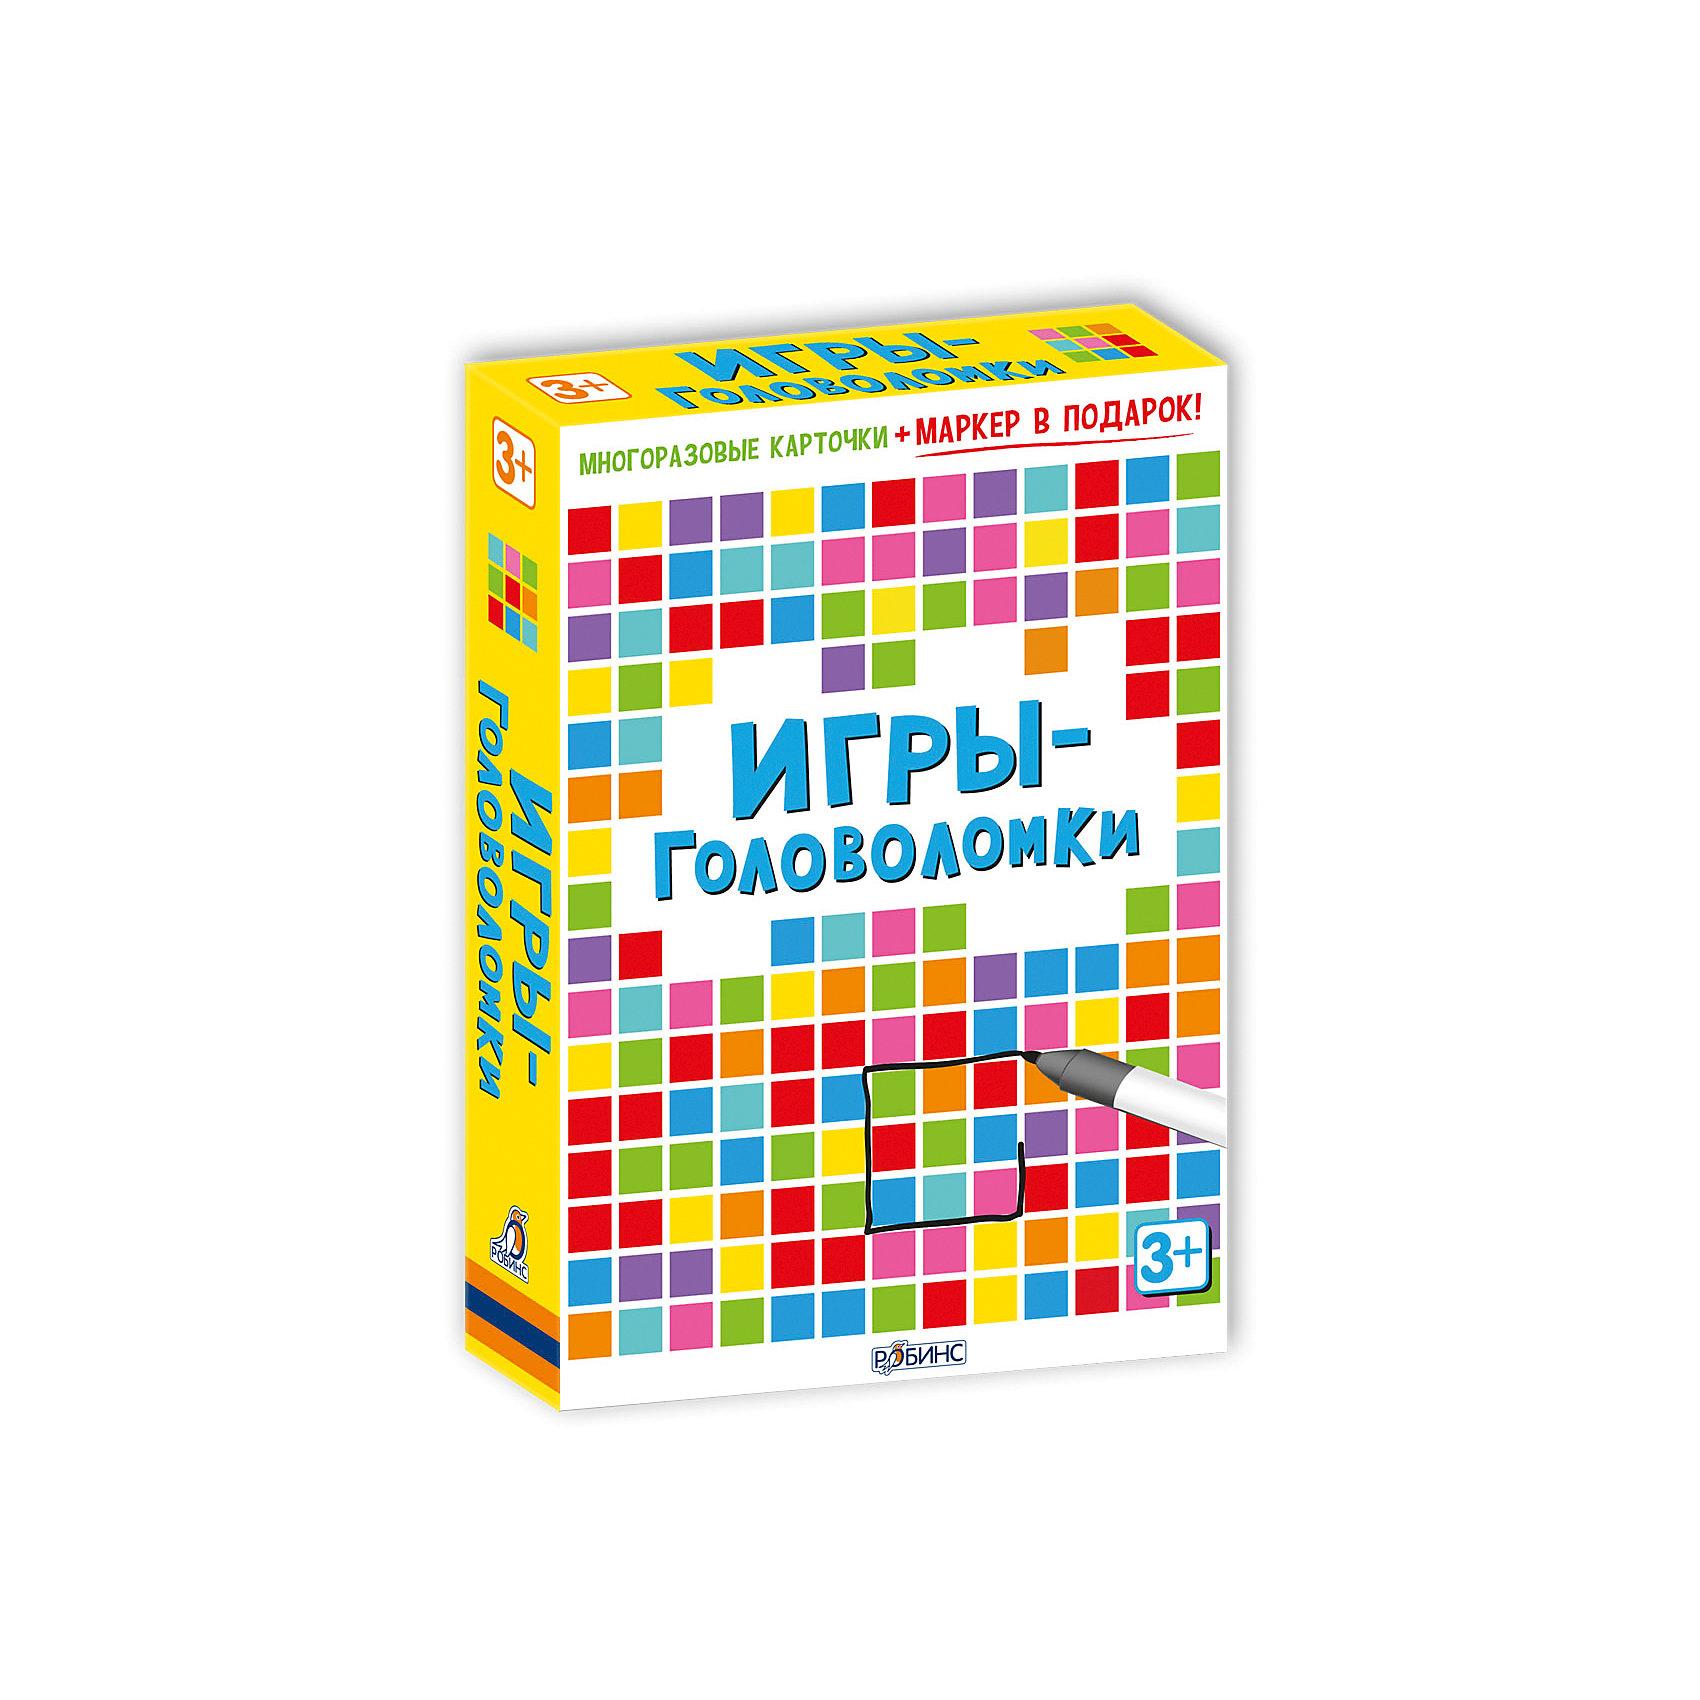 Карточки Игры-головоломкиКарточные игры<br>Карточки Игры-головоломки – набор игровых многоразовых карточек с фломастером, выпущенных по лицензии английского издательства Асборн.<br>Упакованный в небольшую коробку, набор Игры-головоломки состоит из маркера и игровых карточек со специальным покрытием, которое обладает стирающими свойствами, поэтому ребенок может рисовать и писать на них столько, сколько ему захочется. Оригинальные игры и задания-головоломки помогут развить воображение и логику! Юным эрудитам предстоит определить исчезнувшую картину, отыскать в буквенной таблице названия разных стран, проложить космический маршрут, разгадать загадки, пройти лабиринты, расшифровать секретное послание, собрать пазл, отыскать в толпе людей по описанию, найти ошибки художника, определить, что изменилось и выполнить другие упражнения. В наборе вы найдете многоразовые двусторонние карточки, специальный маркер для рисования и карточки с ответами к головоломкам. Карточки выполнены из плотного ламинированного картона, они не погнутся и не порвутся даже в руках самых активных интеллектуалов. «Игры-головоломки» удобно брать с собой в дорогу, чтобы ваш малыш не скучал, пока вы путешествуете! В серии также вышли: «50 увлекательных логических игр», «100 логических игр для путешествий», «Вопросы и ответы о животных».<br><br>Дополнительная информация:<br><br>- В коробке: 50 карточек, маркер<br>- Автор: С. Кхан<br>- Иллюстраторы: Лиззи Барбер, Н. Фигг, С. Баготт<br>- Серия: Возьми с собой в дорогу<br>- Издательство: Робинс<br>- Иллюстрации: цветные<br>- Материал: ламинированный картон<br>- Размер карточки:15,5х10 см.<br>- Размер коробки: 155 х 100 х 25 мм.<br>- Вес: 294 гр.<br><br>Карточки Игры-головоломки можно купить в нашем интернет-магазине.<br><br>Ширина мм: 155<br>Глубина мм: 100<br>Высота мм: 25<br>Вес г: 294<br>Возраст от месяцев: 36<br>Возраст до месяцев: 96<br>Пол: Унисекс<br>Возраст: Детский<br>SKU: 4050220